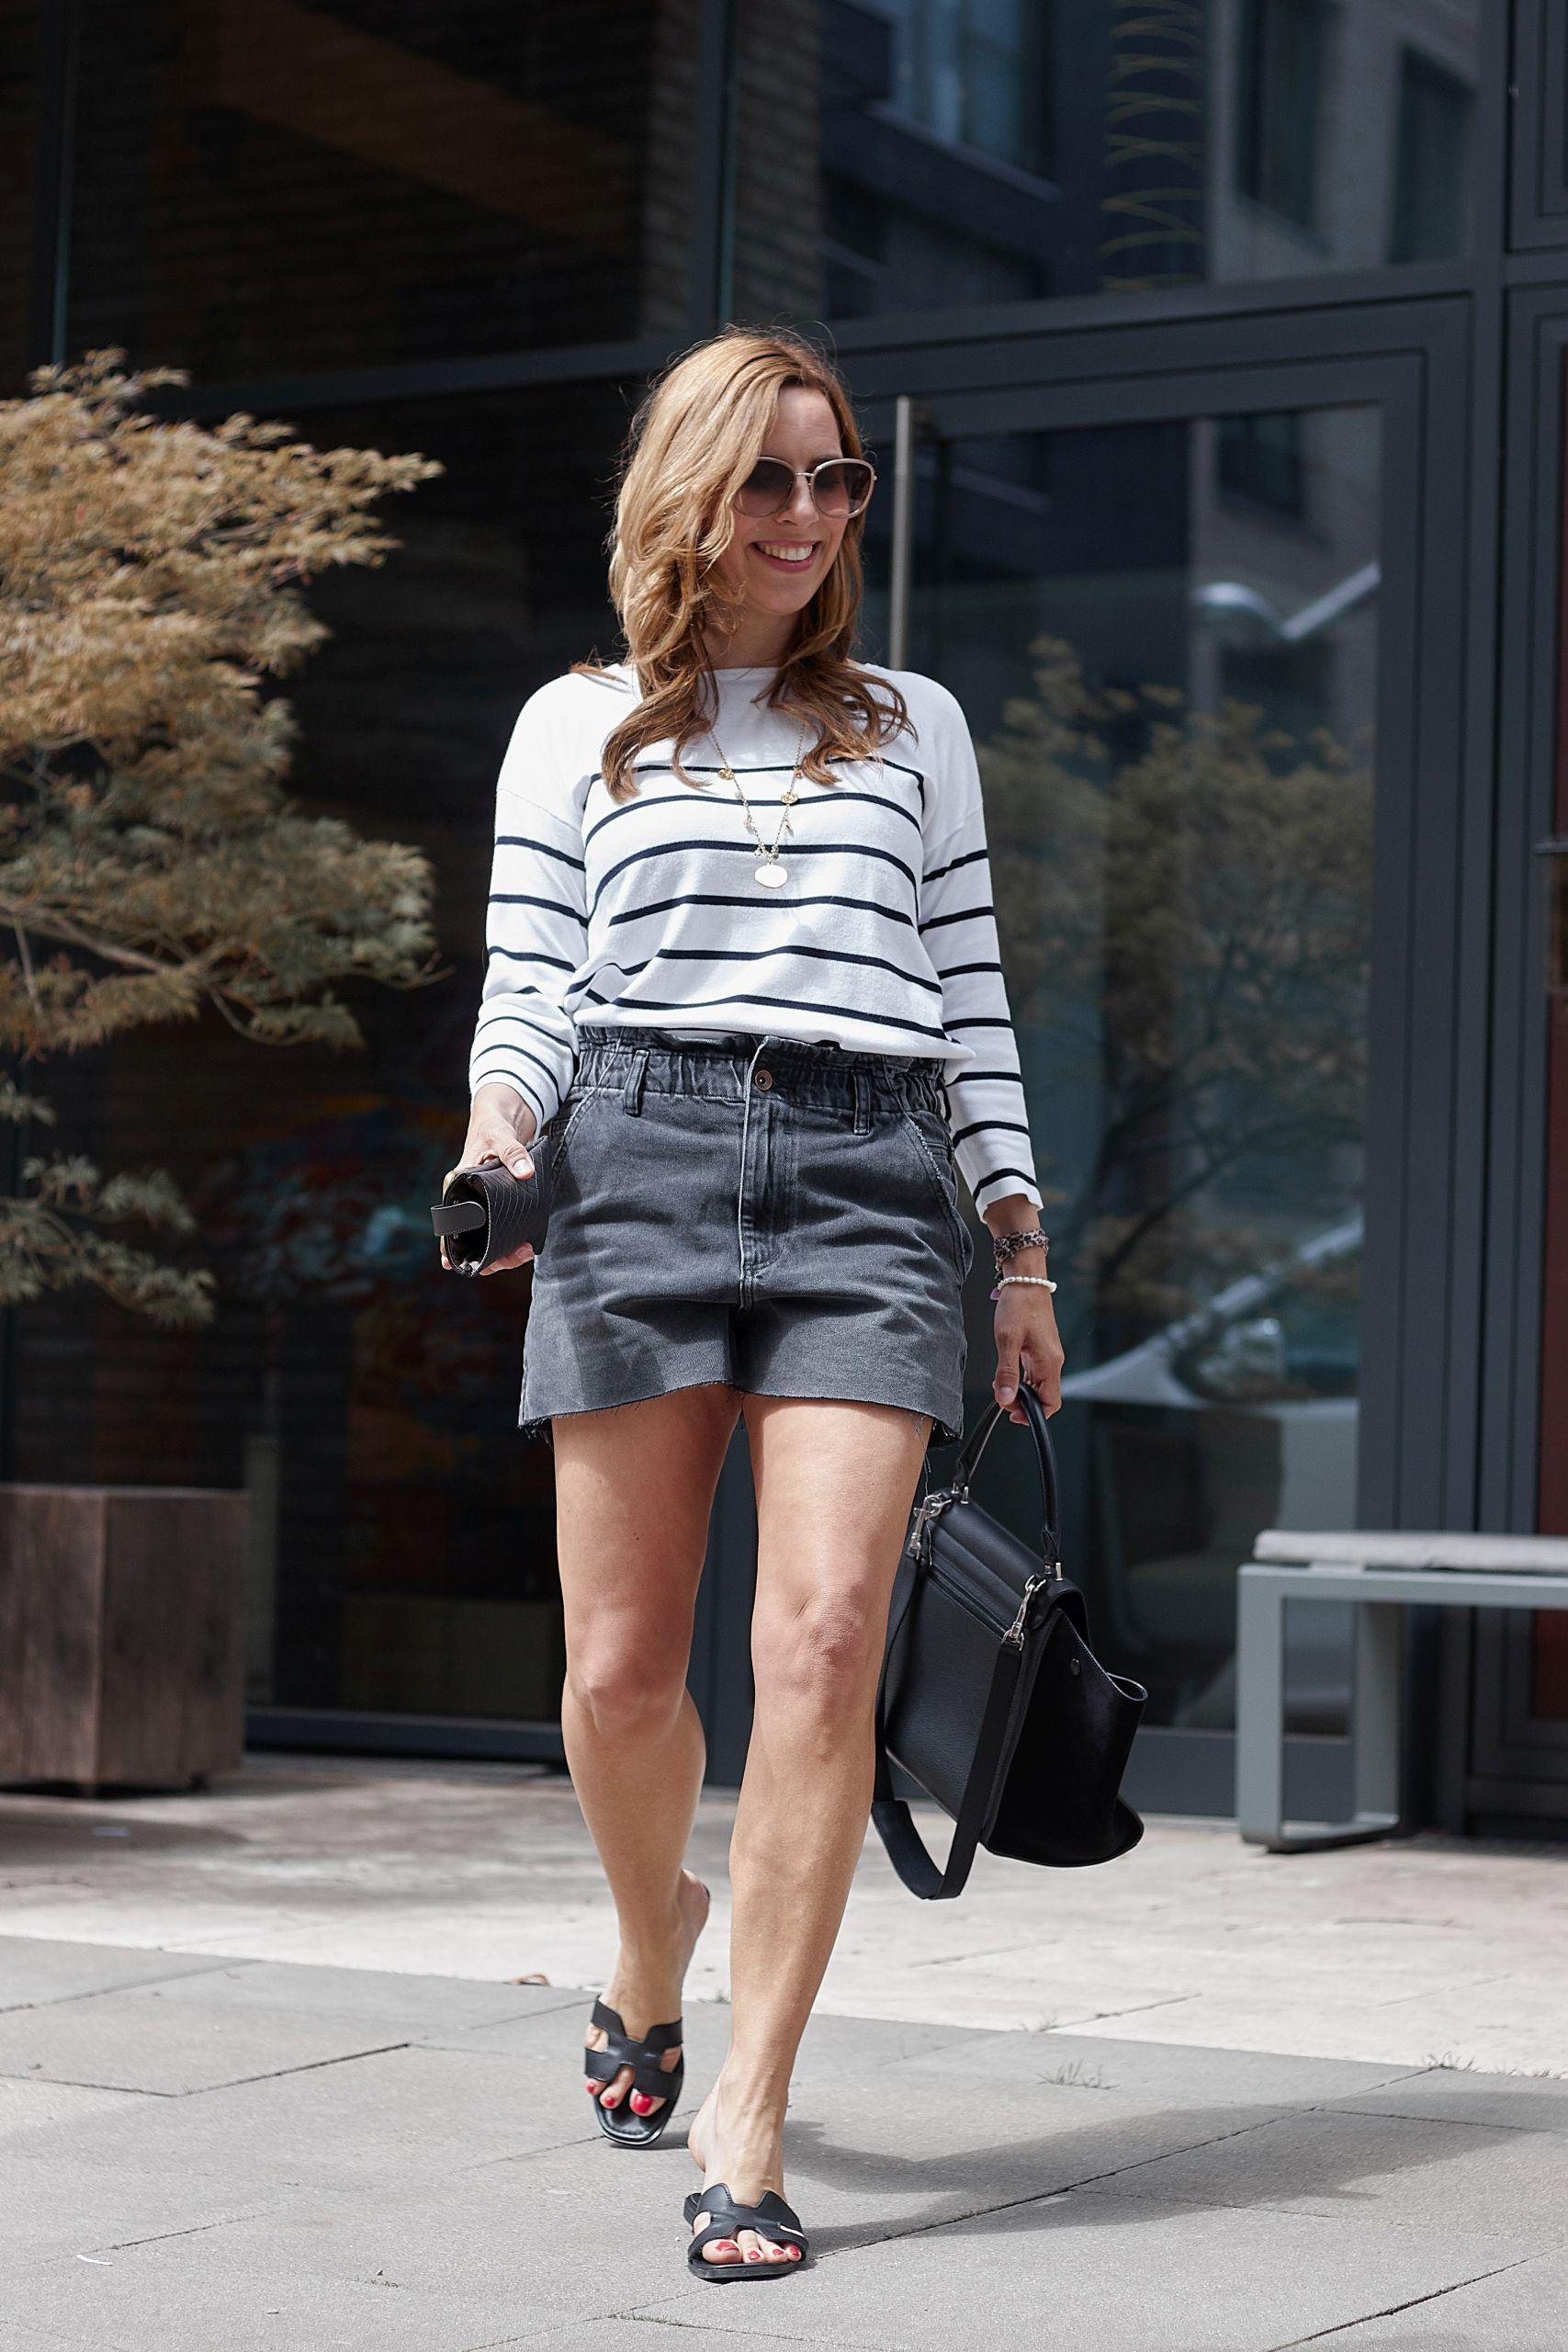 Streifenpullover aus den Liberty Woman Neuheiten zur Denim Shorts und Sandalen